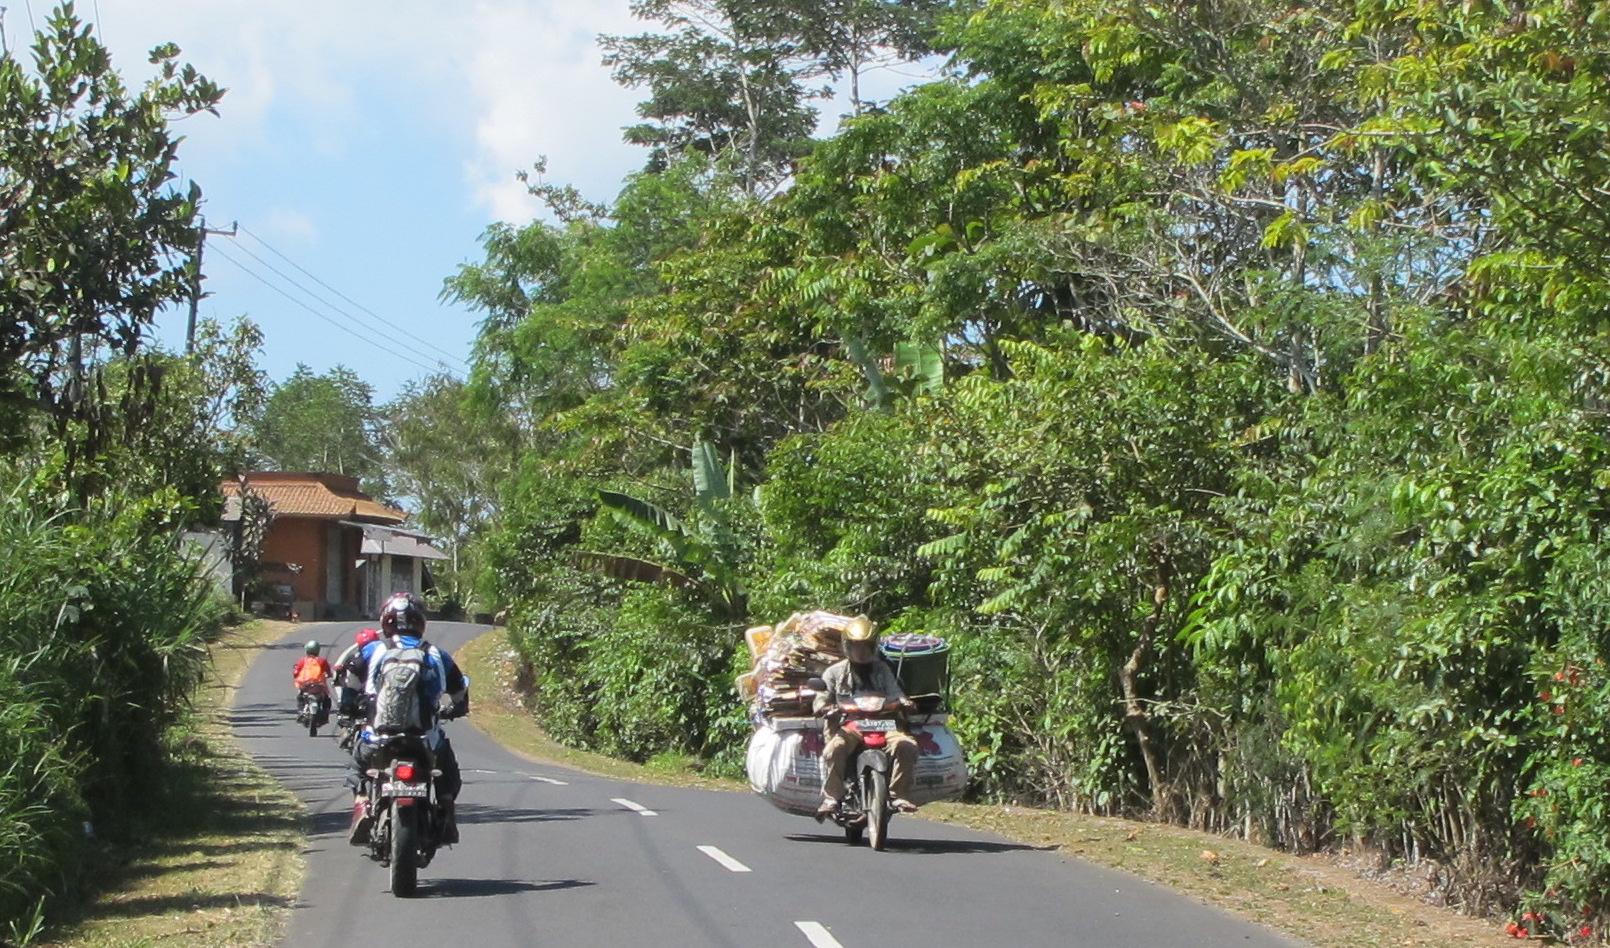 Wide load on one of Bali's backroads